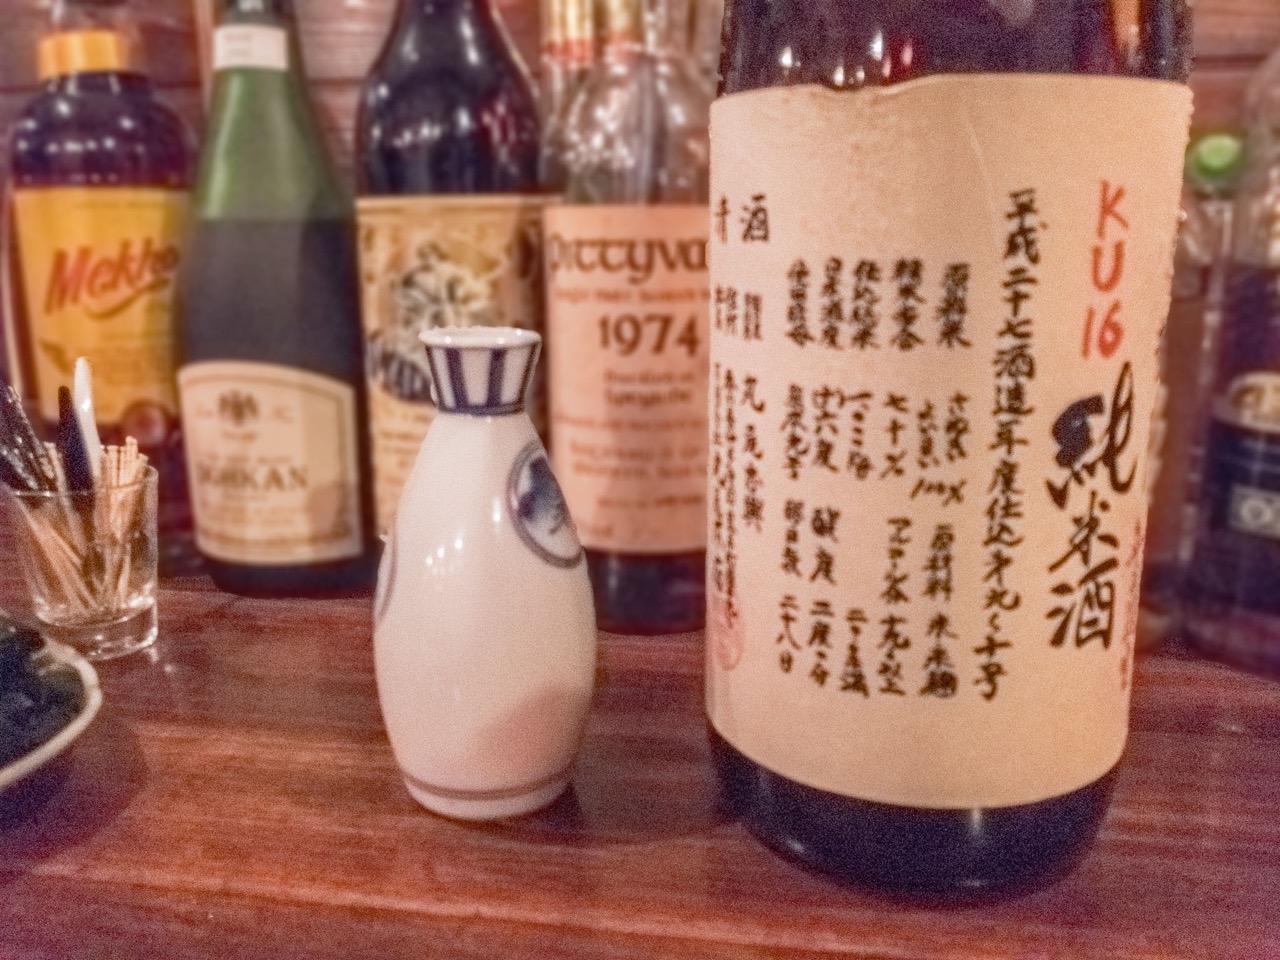 悦凱陣 純米酒 KU16 むろか生 27BY|日本酒テイスティングノート